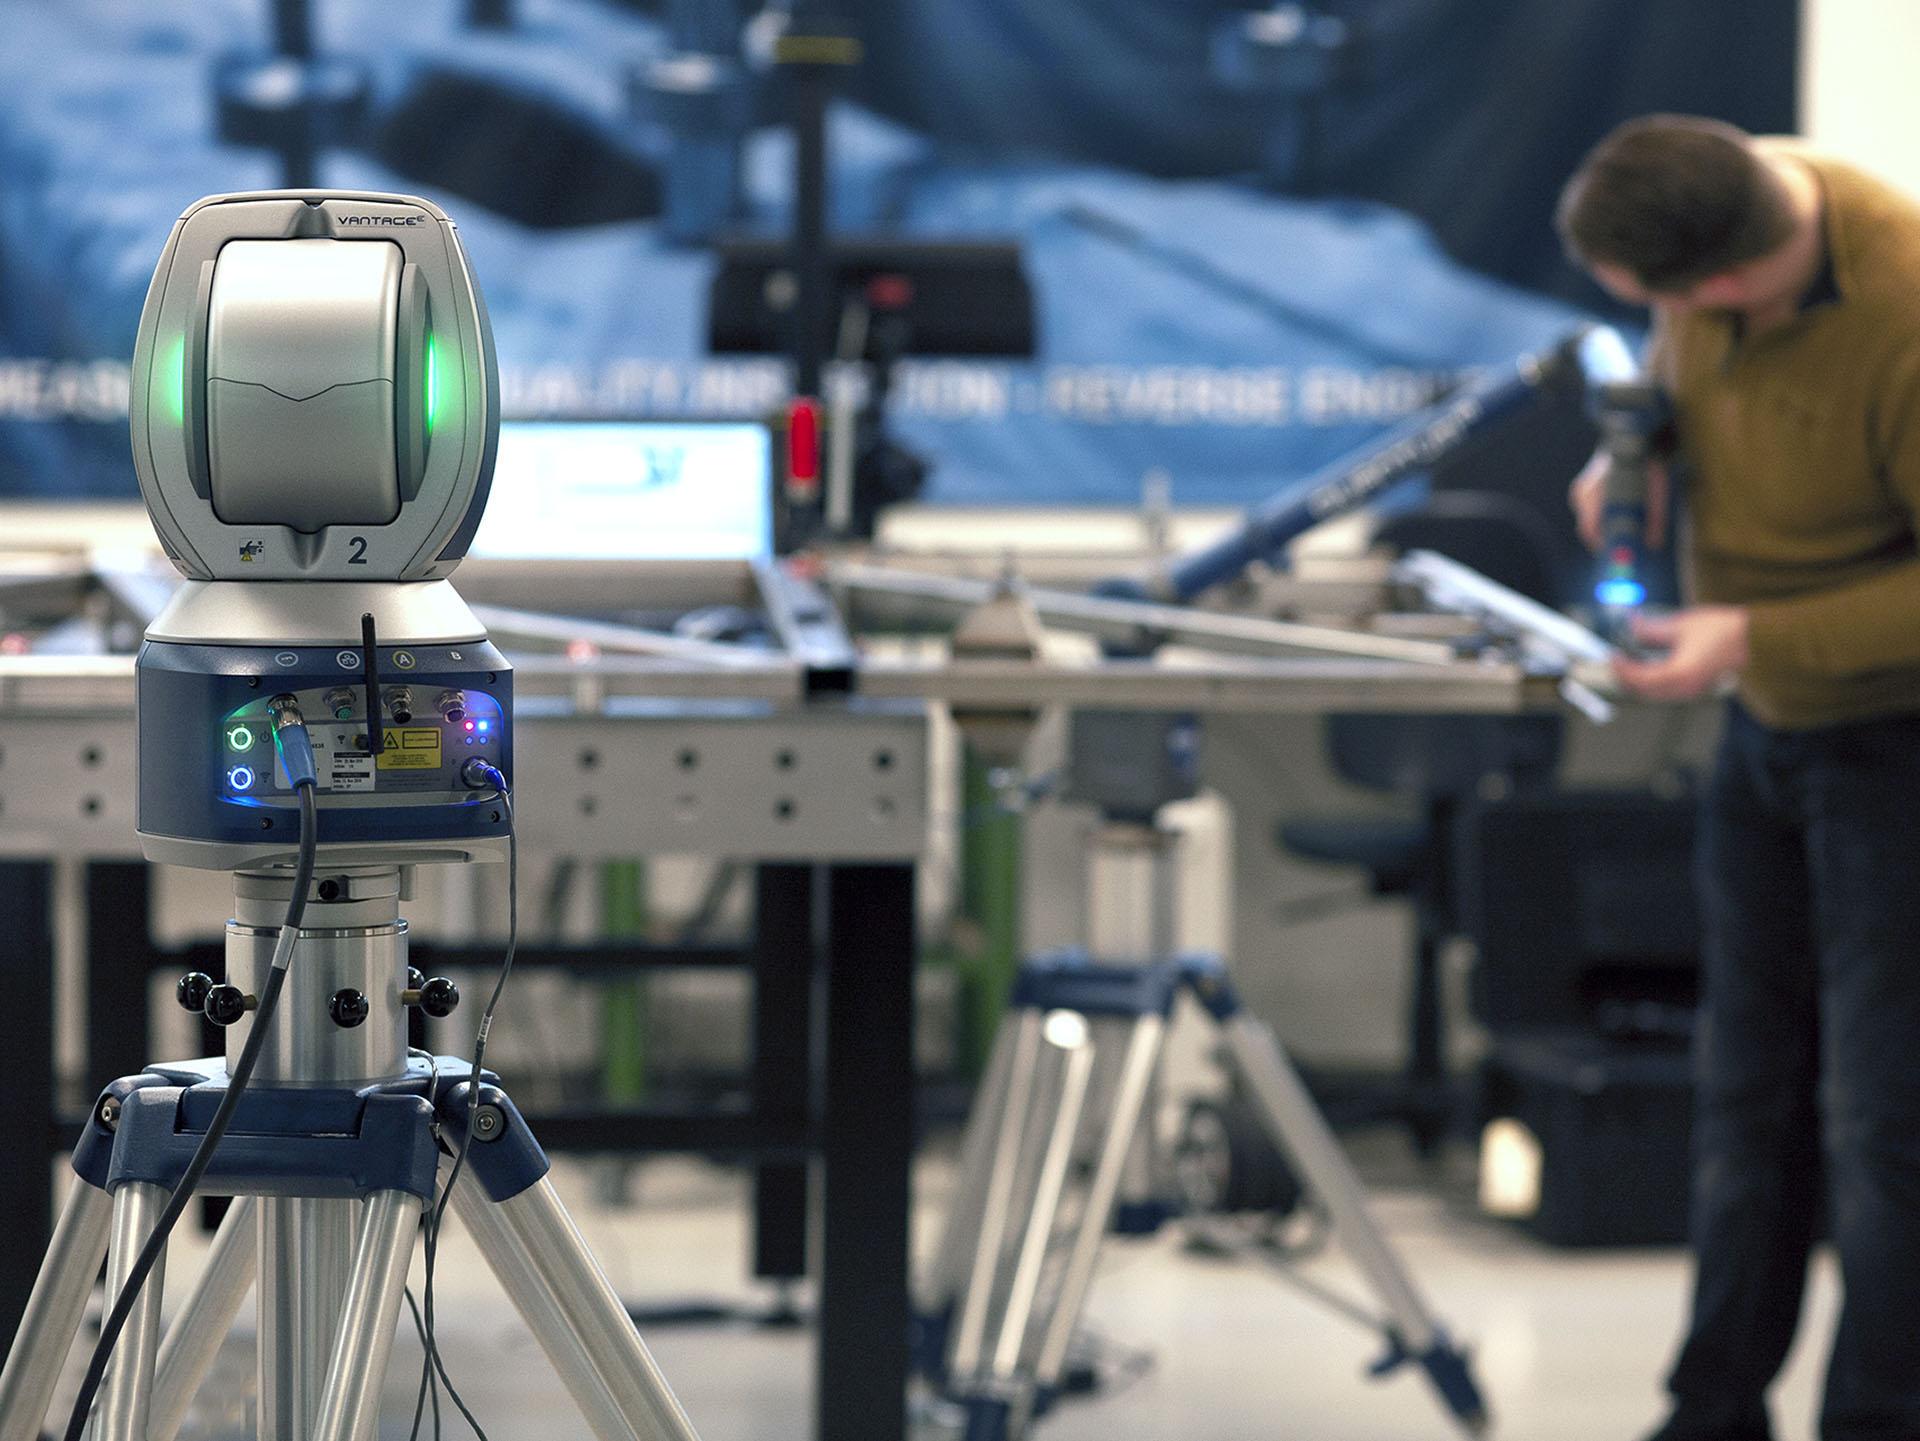 Productenspectie van een gelast frame met de laser tracker i.c.m. de meetarm